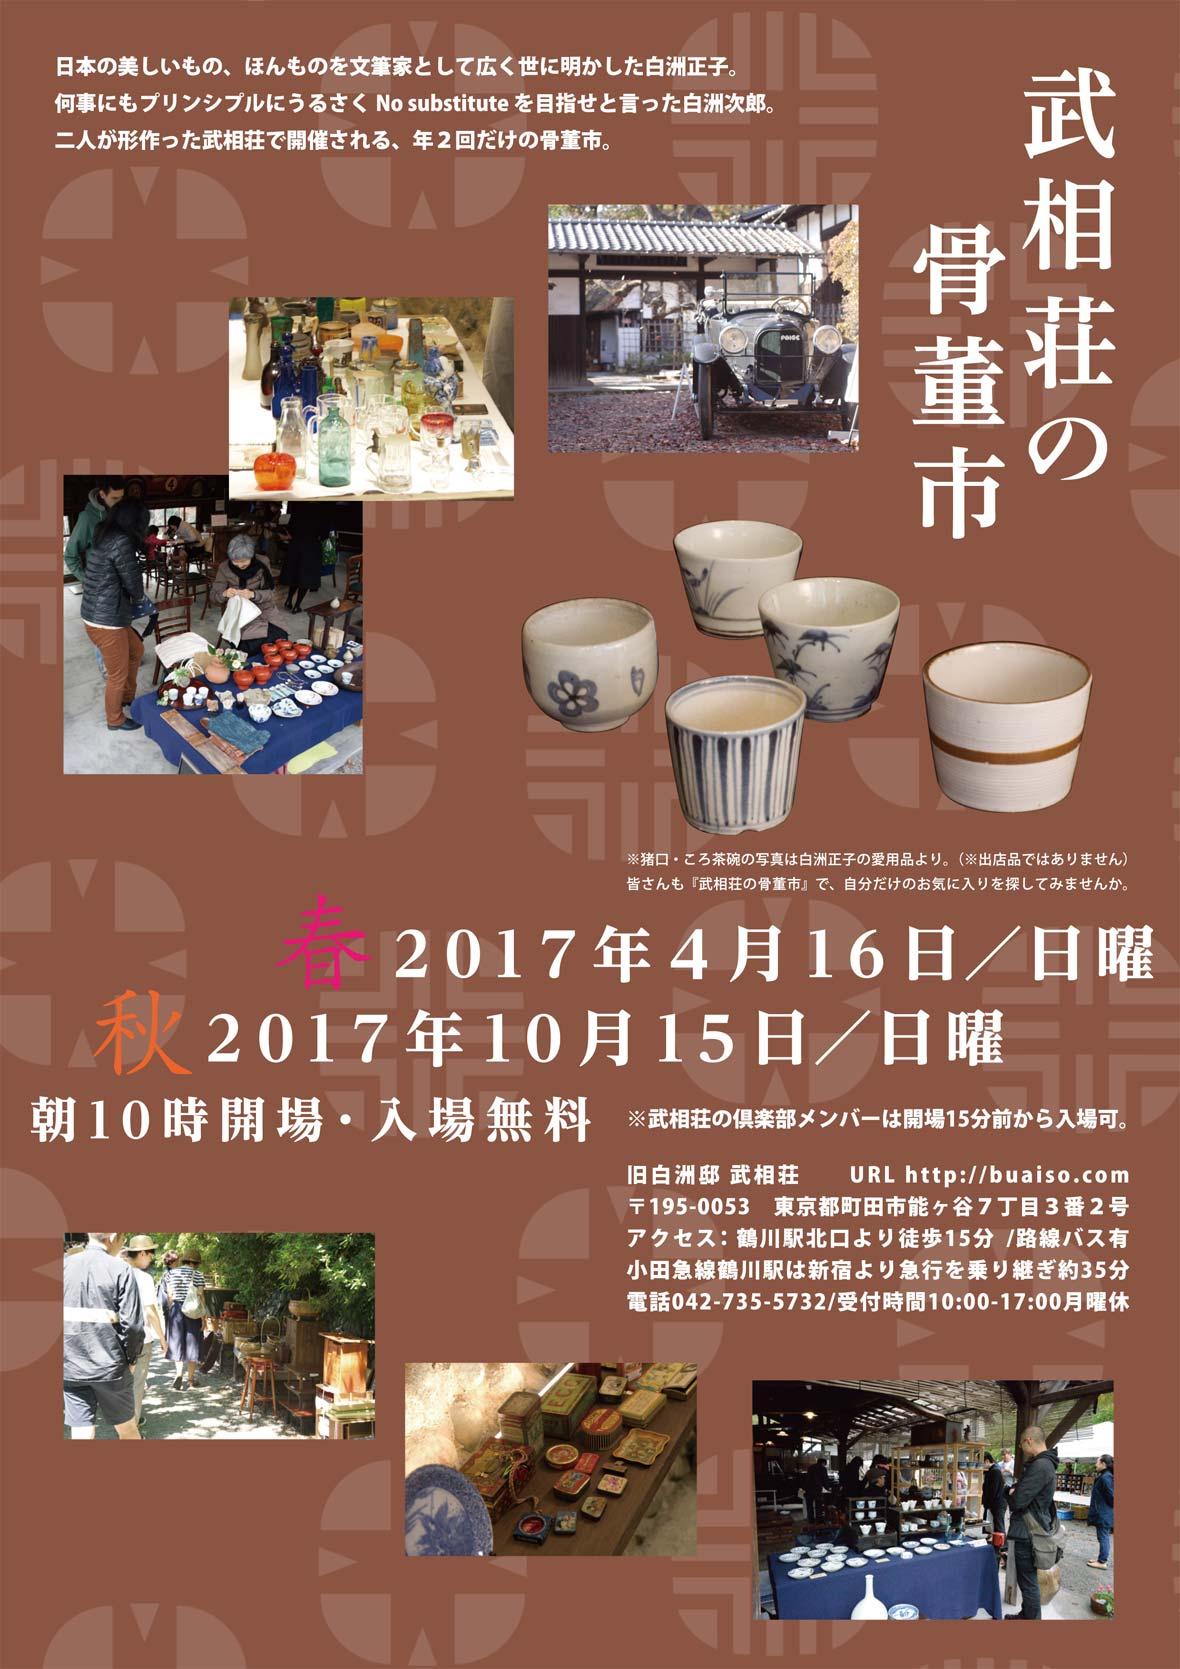 武相荘の骨董市 2017年